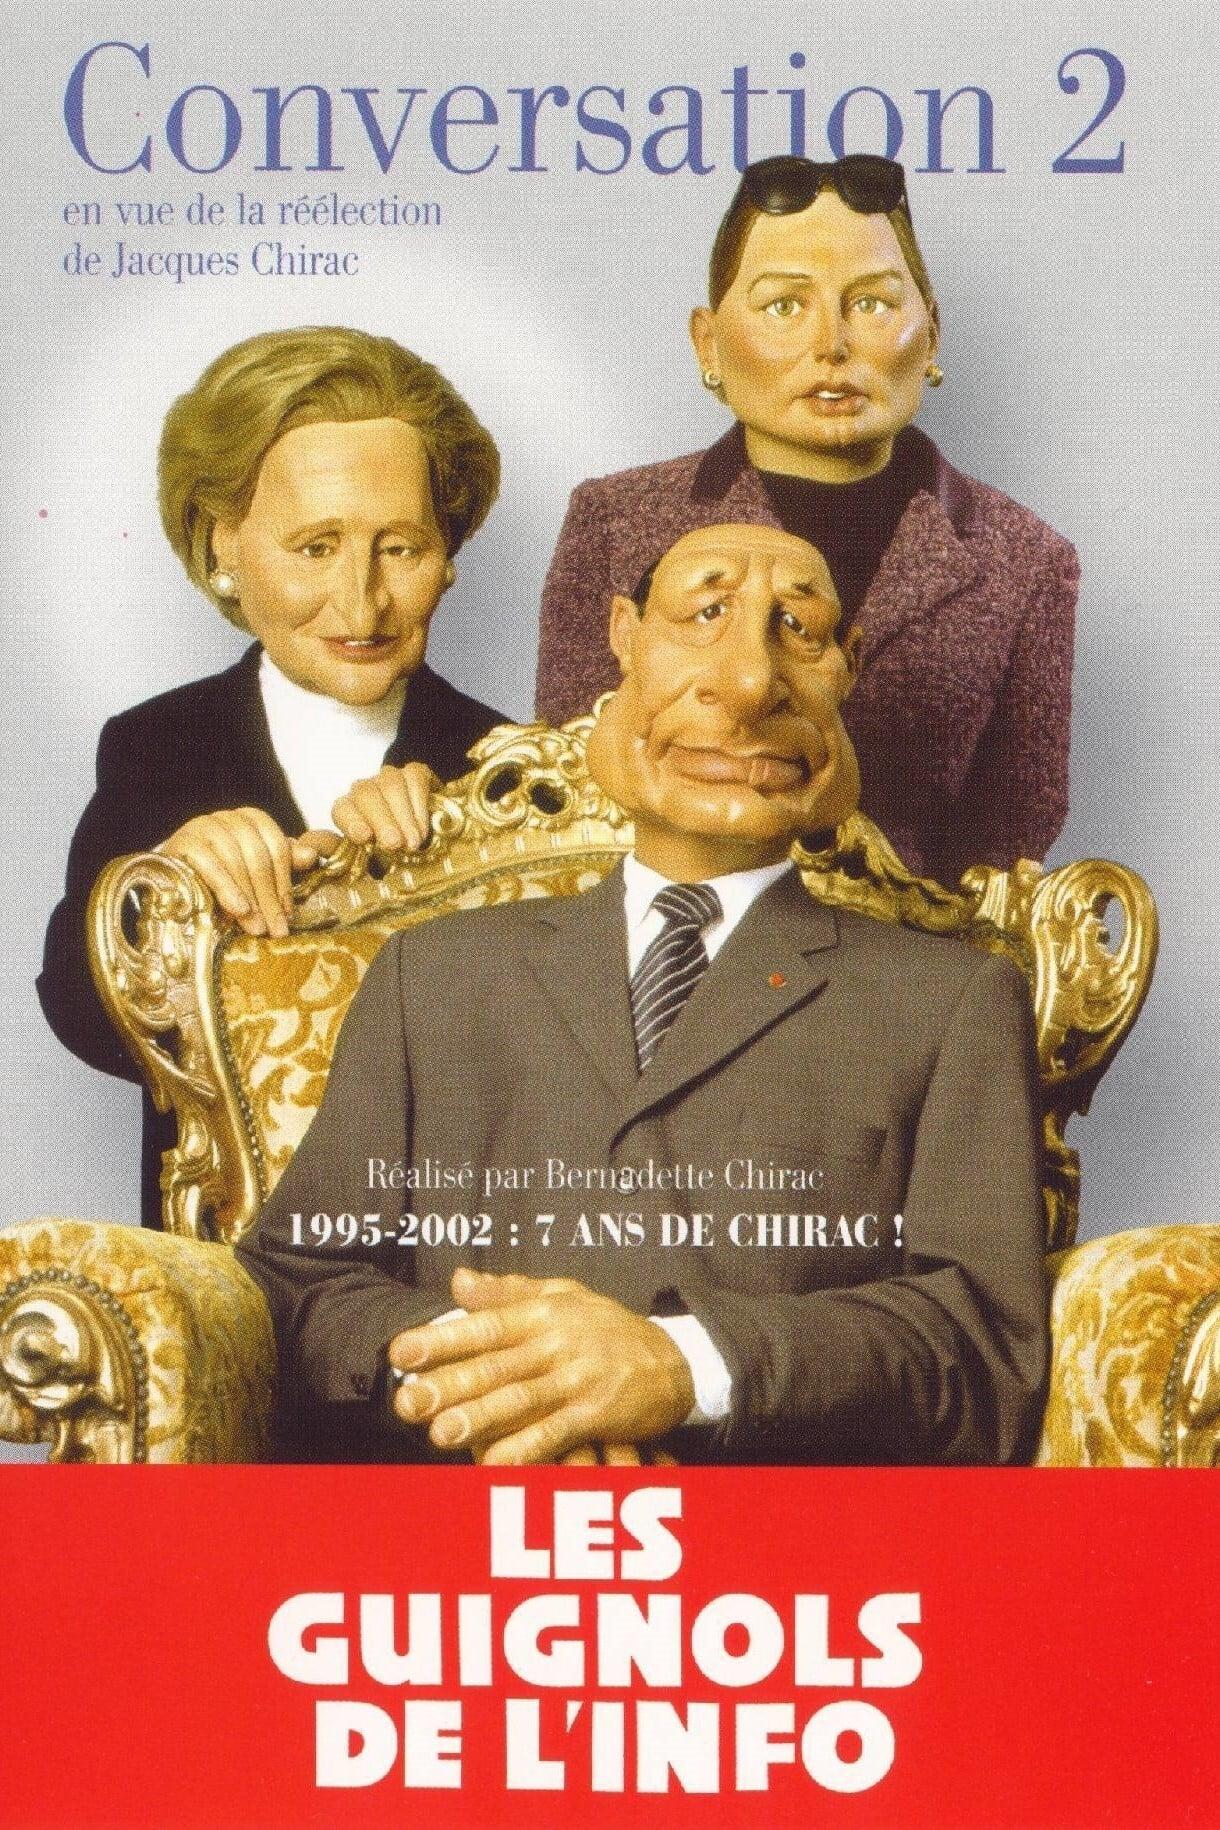 Les Guignols De L'info Streaming : guignols, l'info, streaming, Guignols, L'info, Conversation, French, Movie, Streaming, Online, Watch